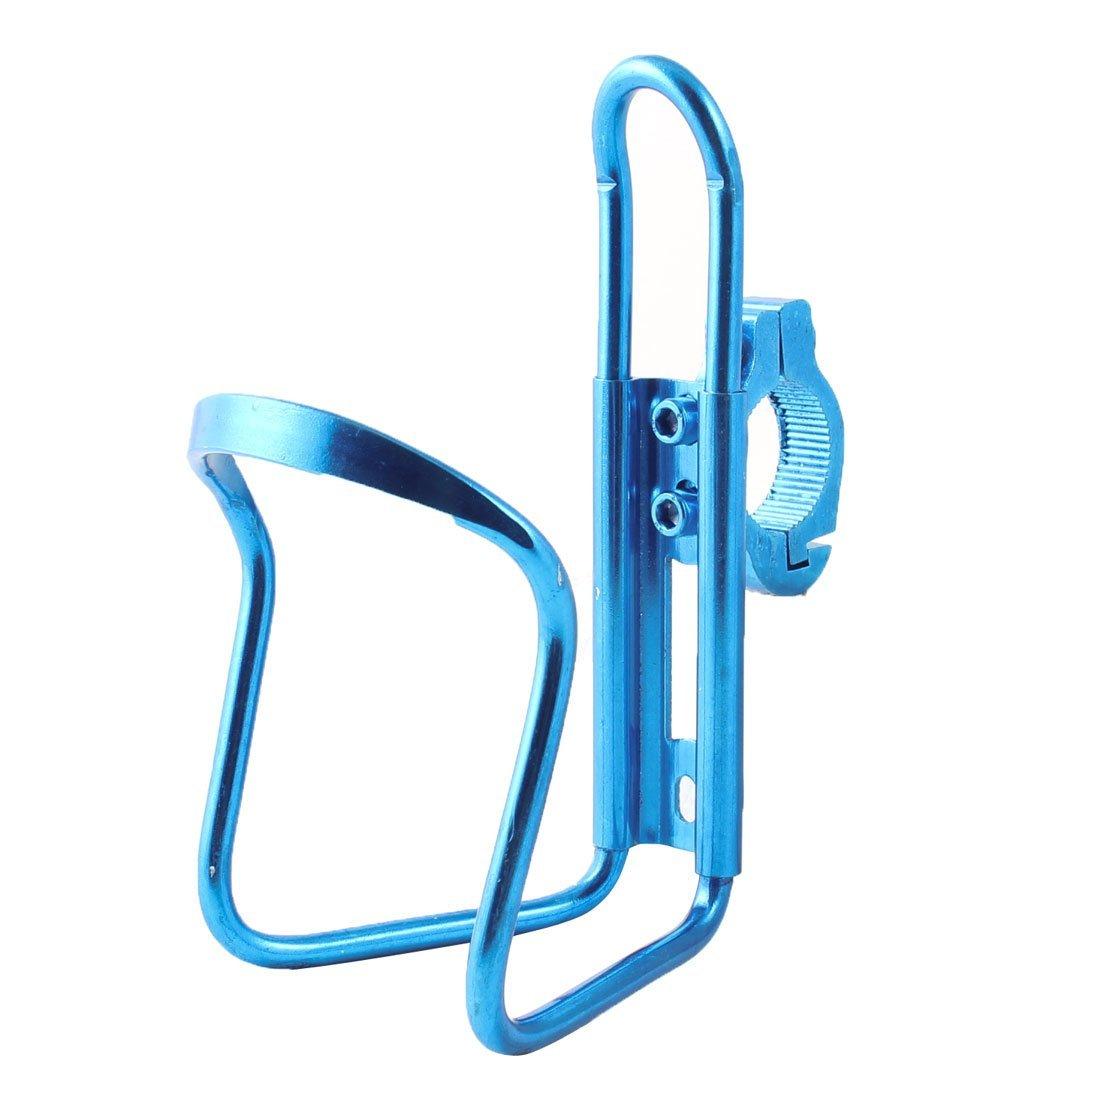 Bicicleta de la bici del manillar de aluminio de agua Jaulas sostenedor de la botella del azul real